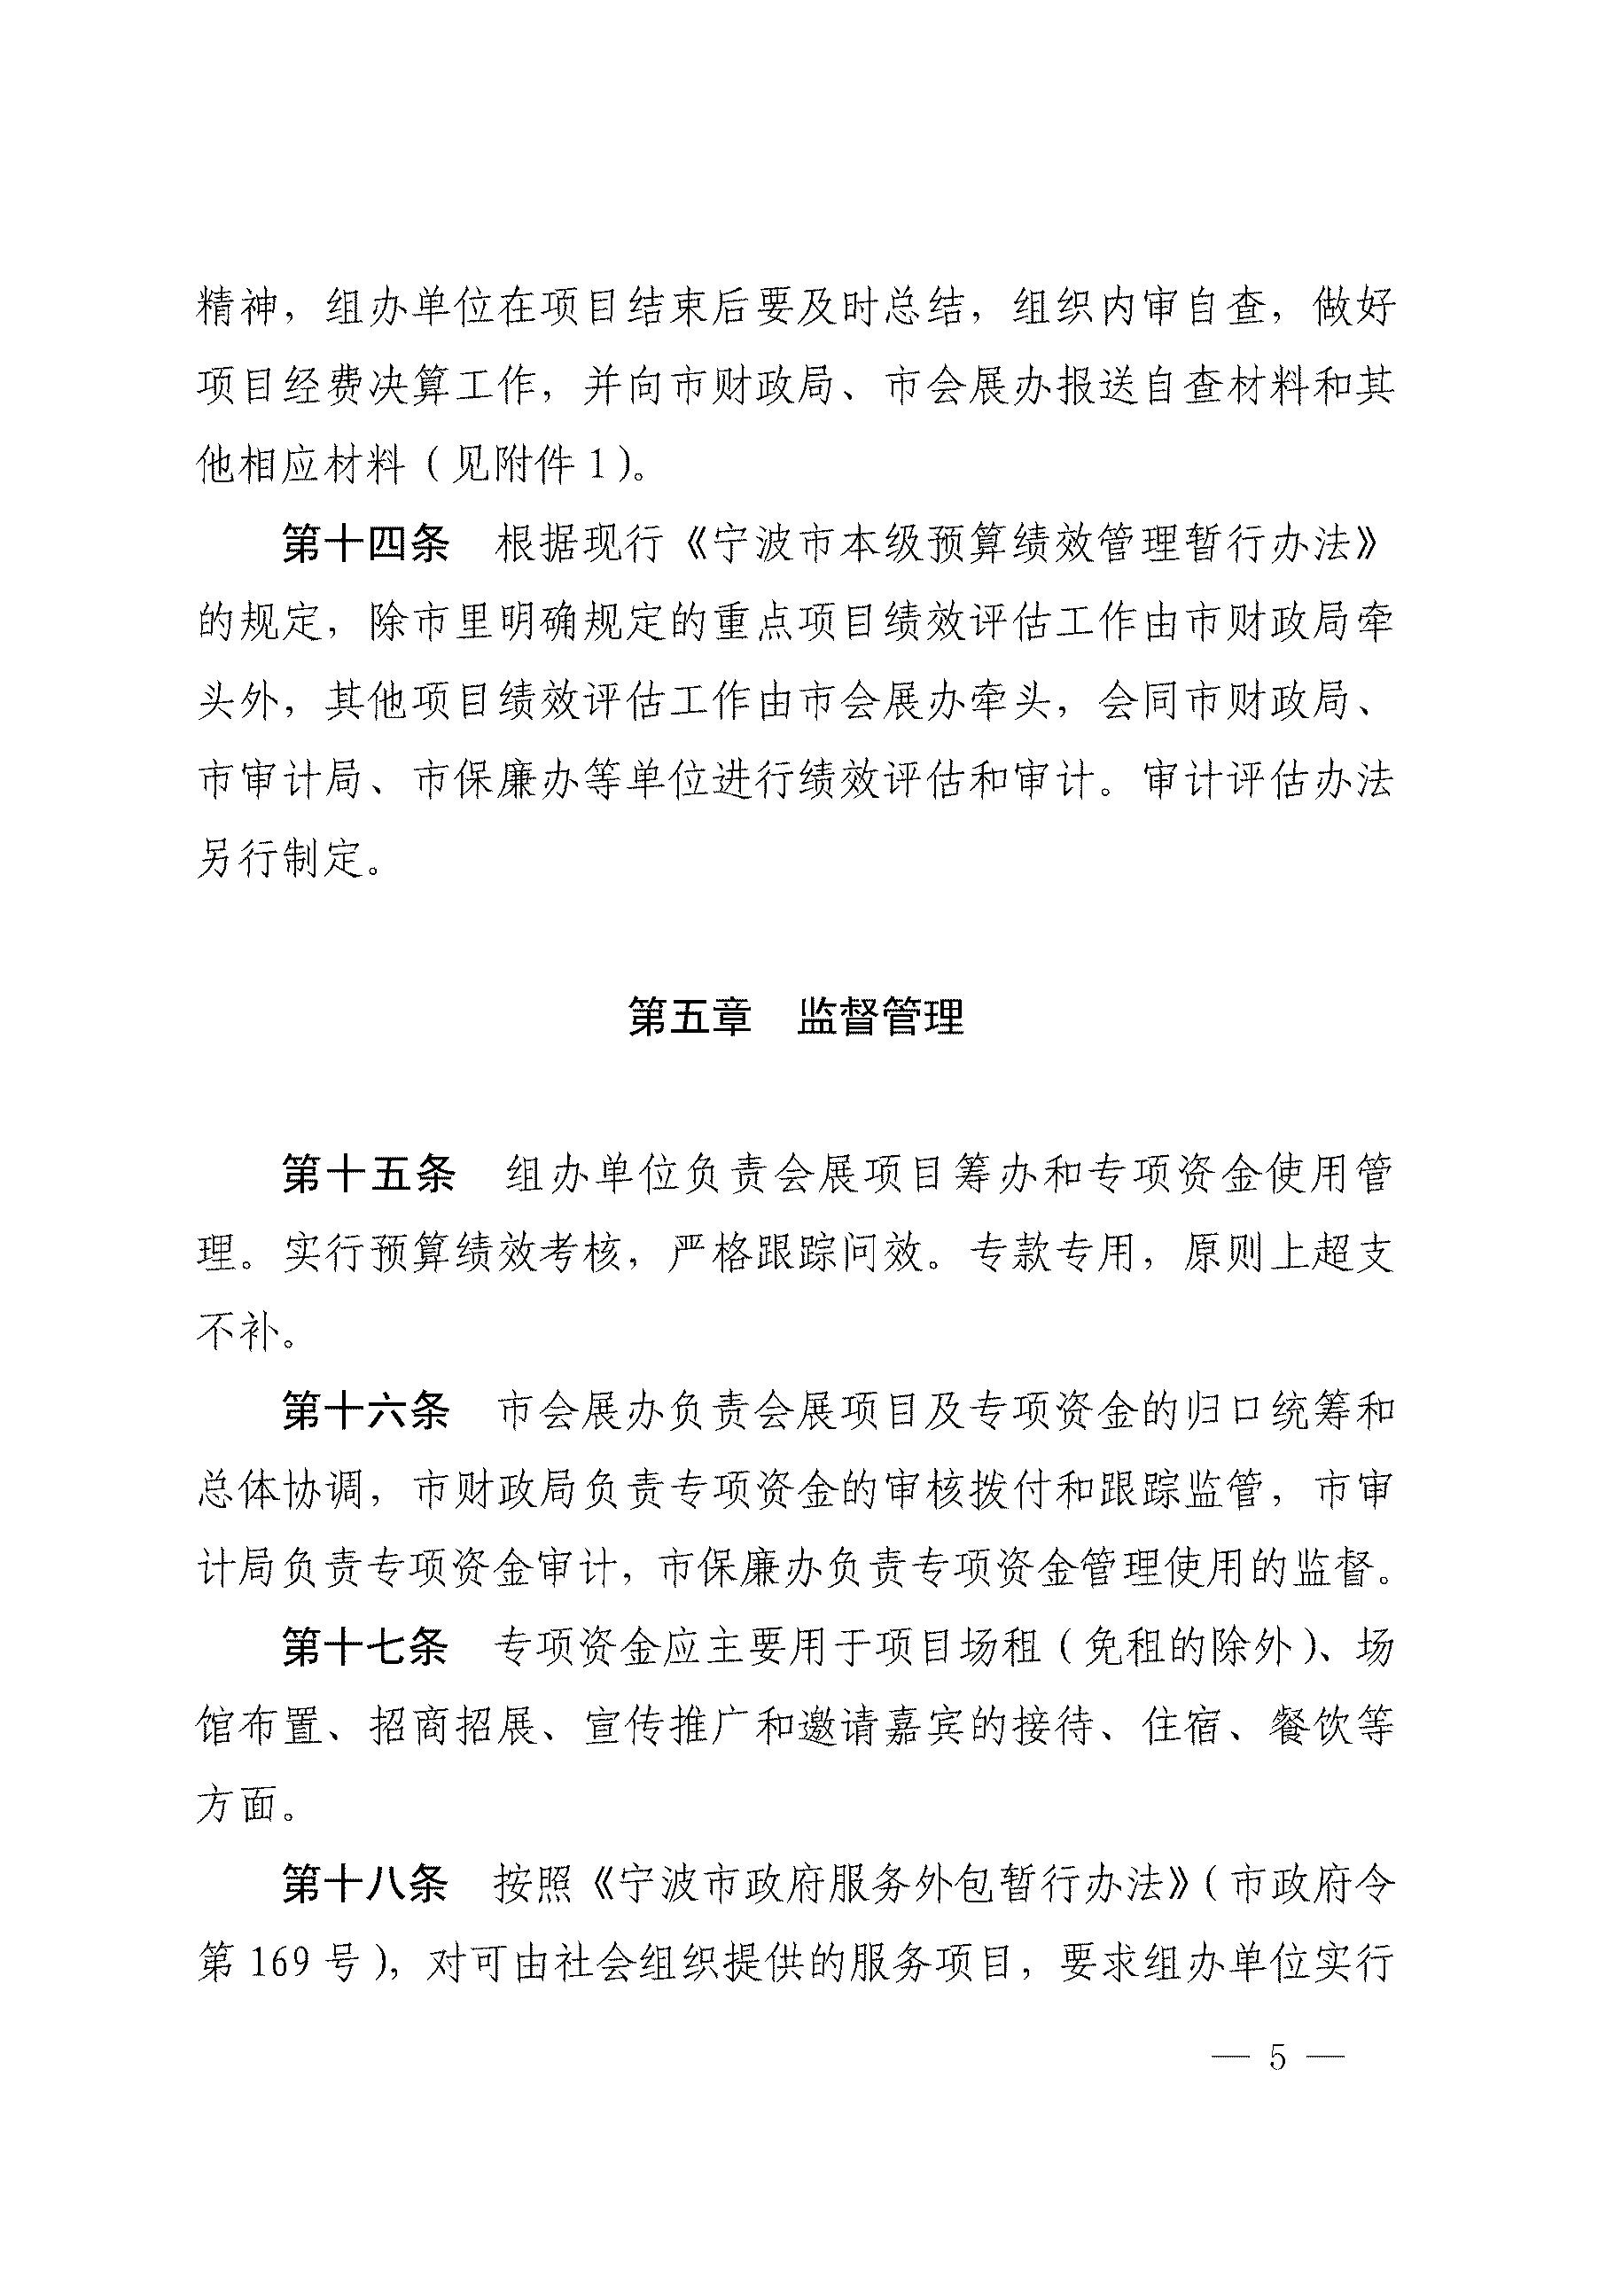 【新】宁波市人民政府办公厅关于印发宁波市本级政府主导型会展项目和经费使用管理办法的通知_p5.jpg